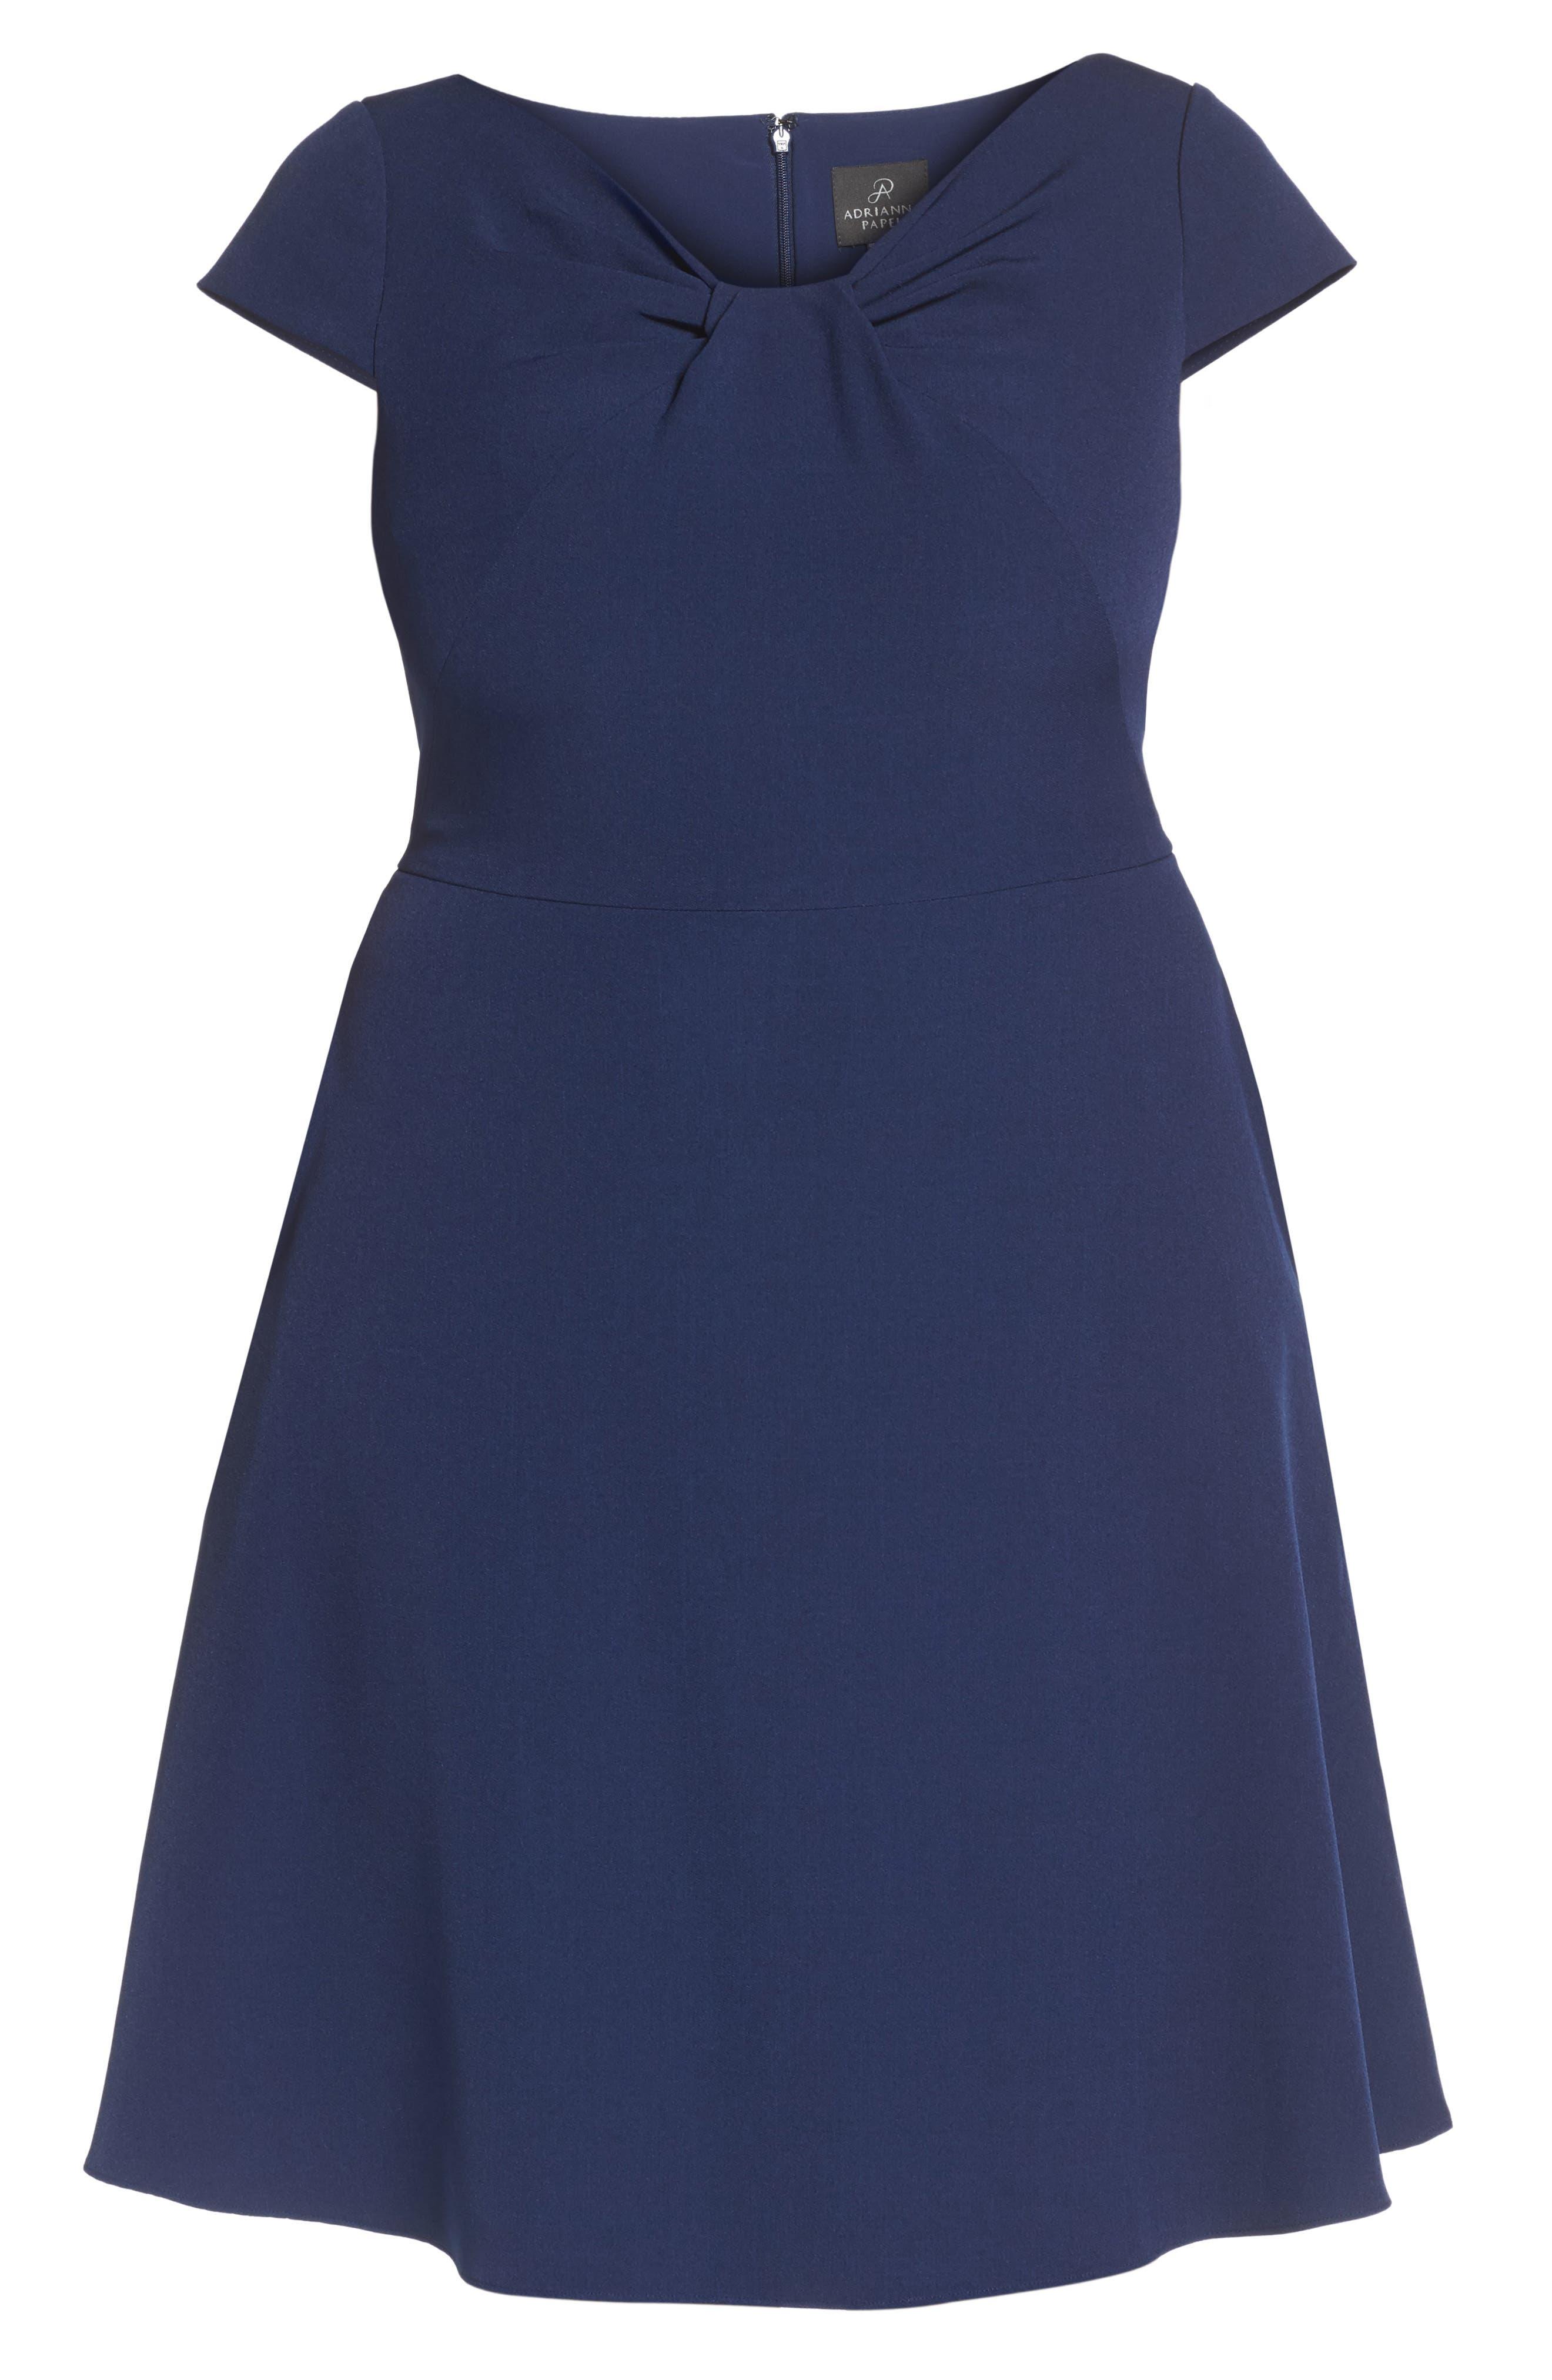 Drape Neck Fit & Flare Dress,                             Alternate thumbnail 6, color,                             412